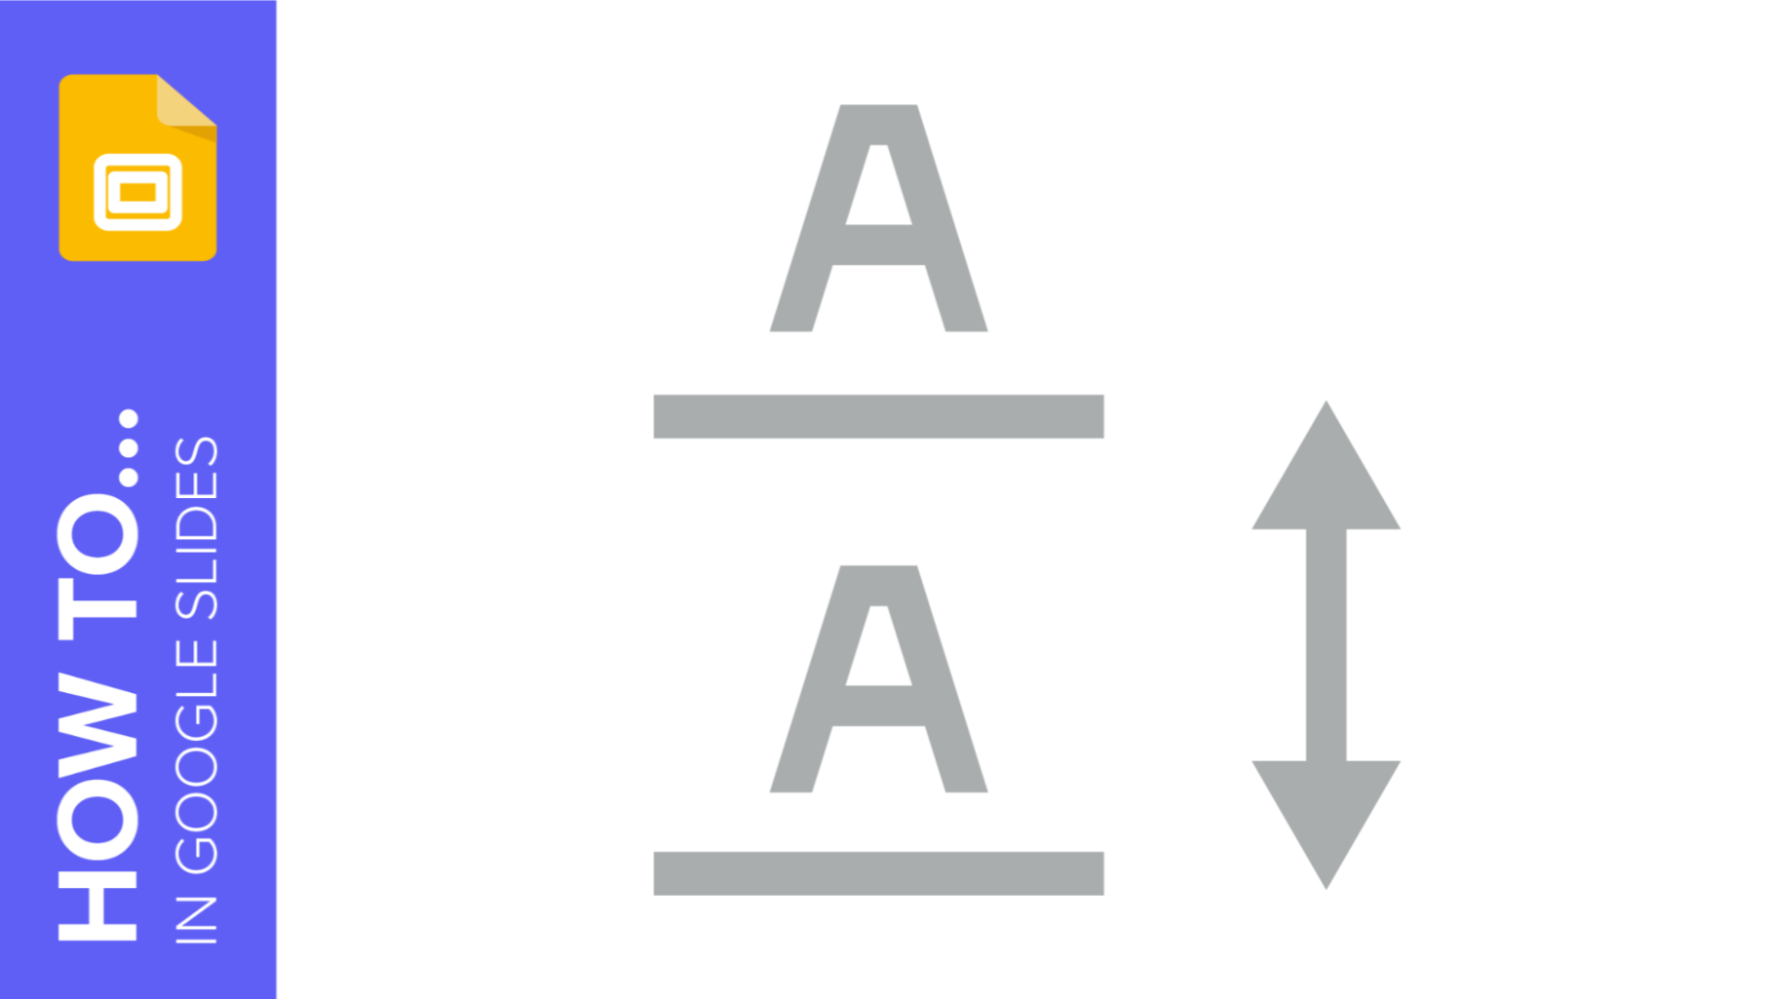 How to Change Indentation, Spacing and Line Spacing in Google Slides   Schnelle Tipps & Tutorials für deine Präsentationen